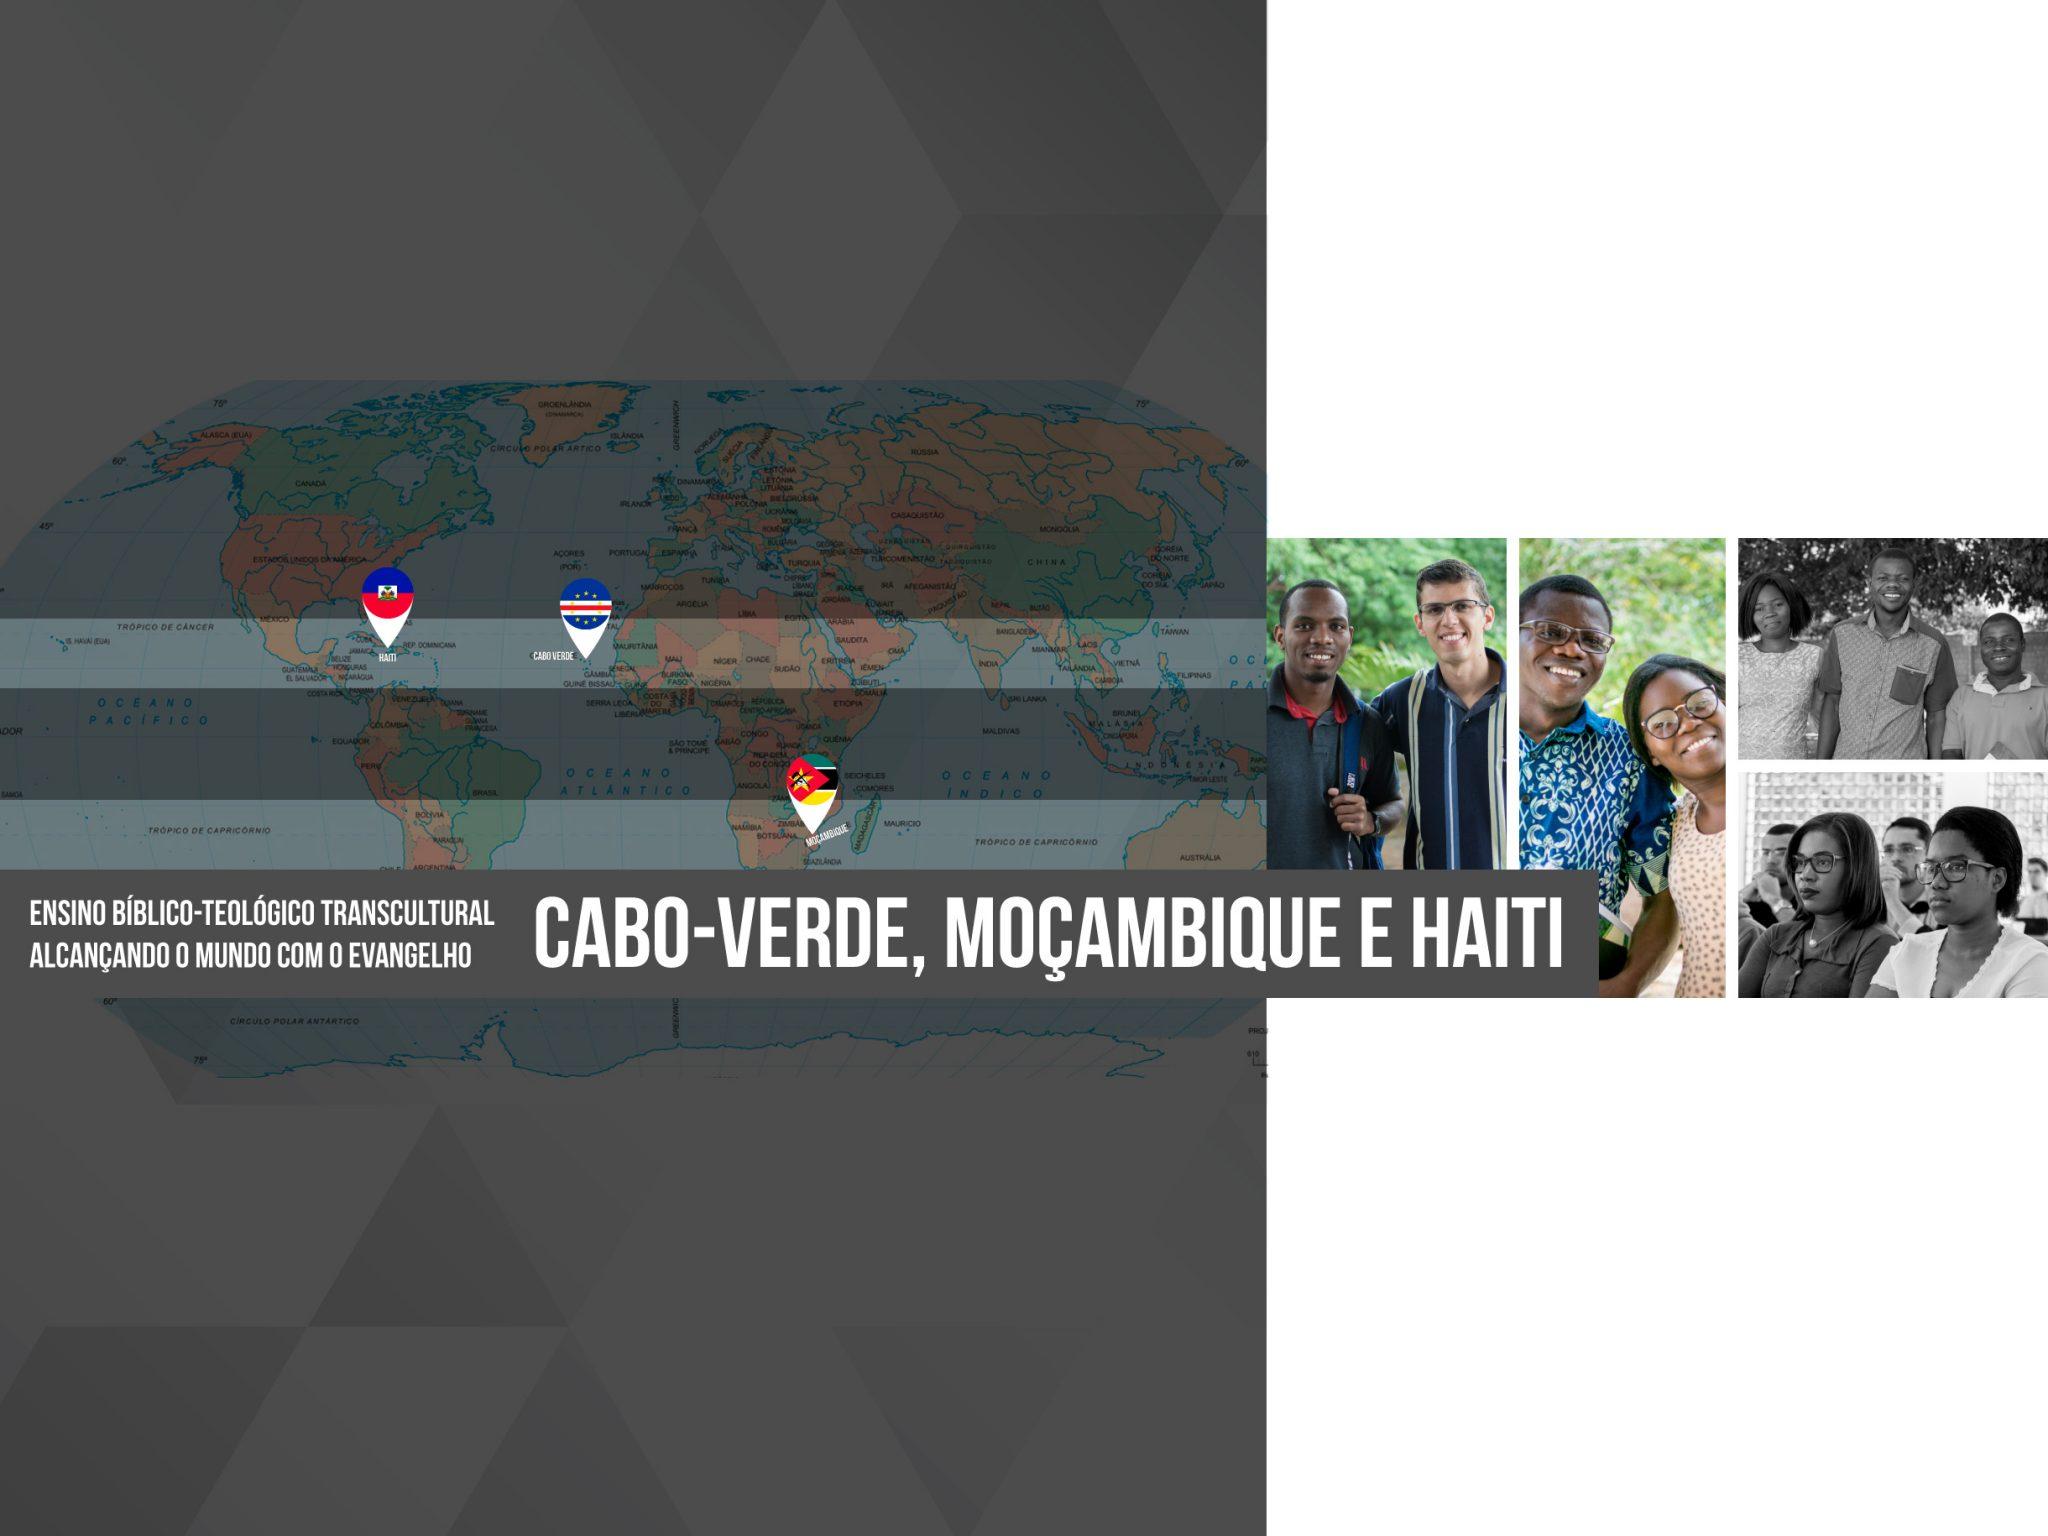 Ensino Bíblico-teológico transcultural alcançando o mundo com o evangelho Cabo-Verde, Moçambique e Haiti